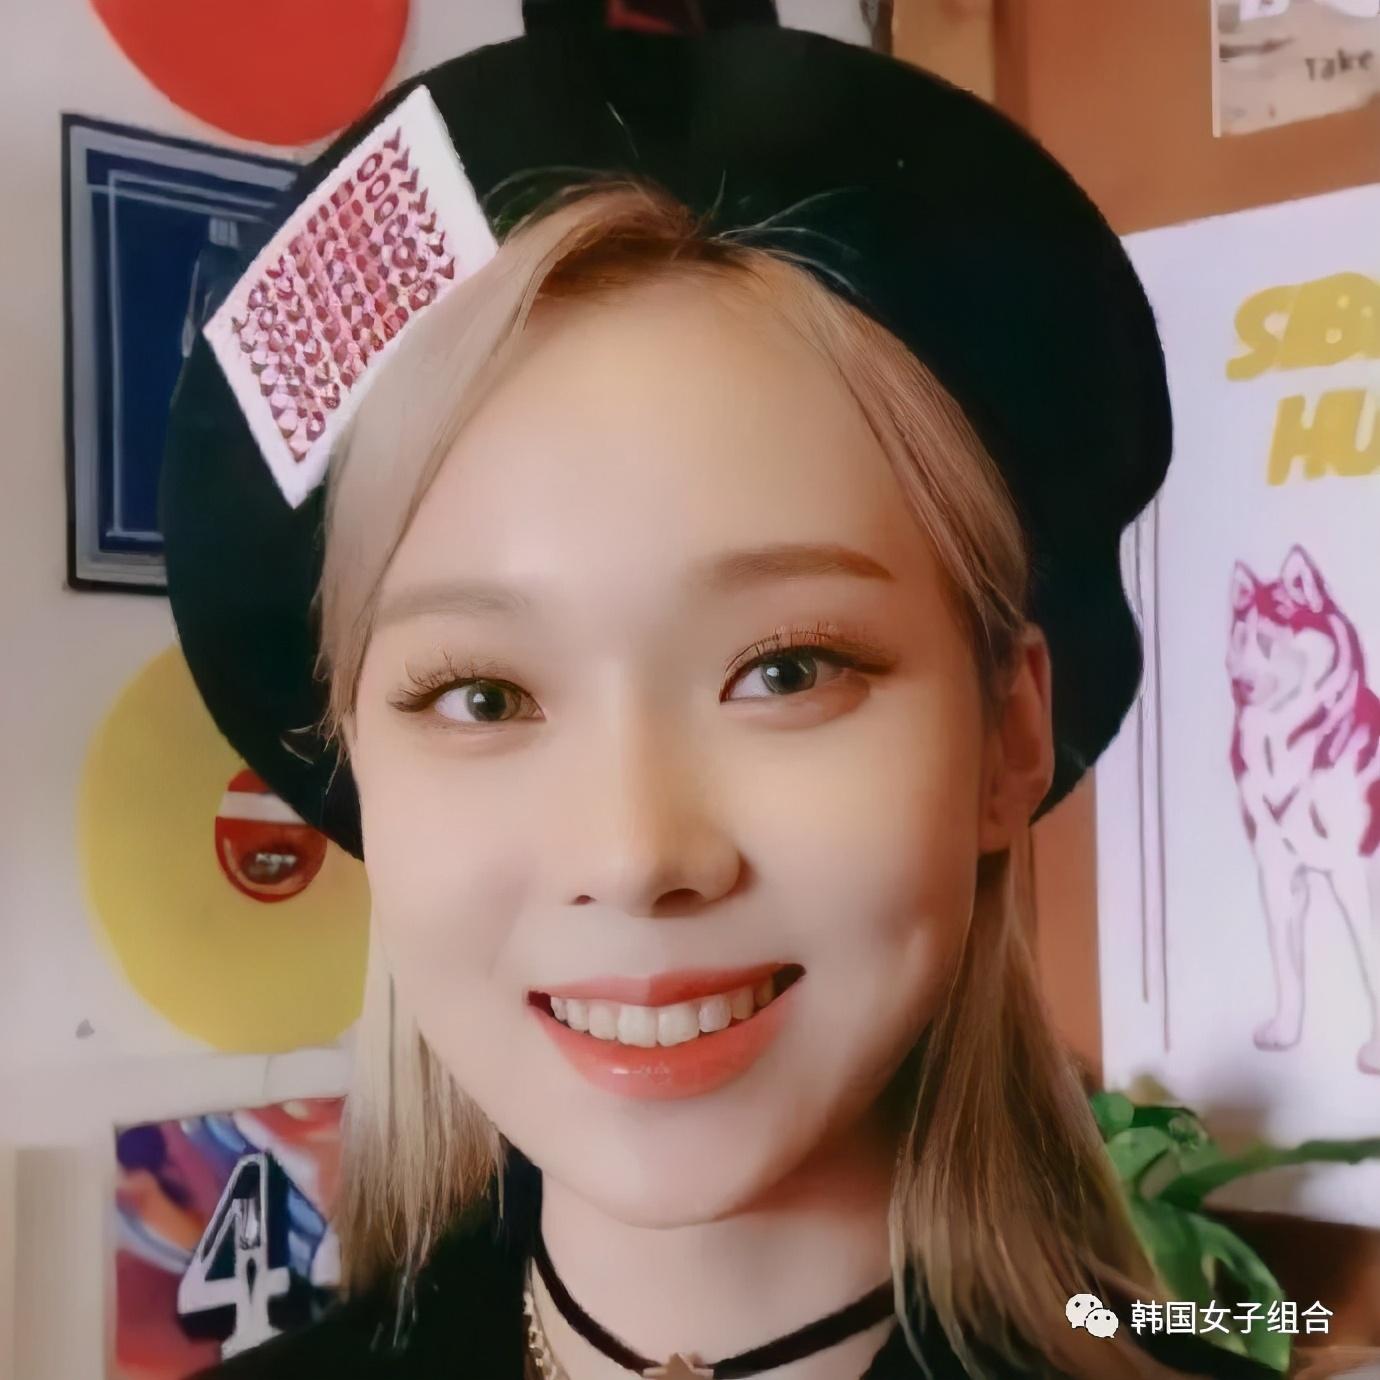 SM新女团成员新出的初中毕业照,还是学生会副会长?